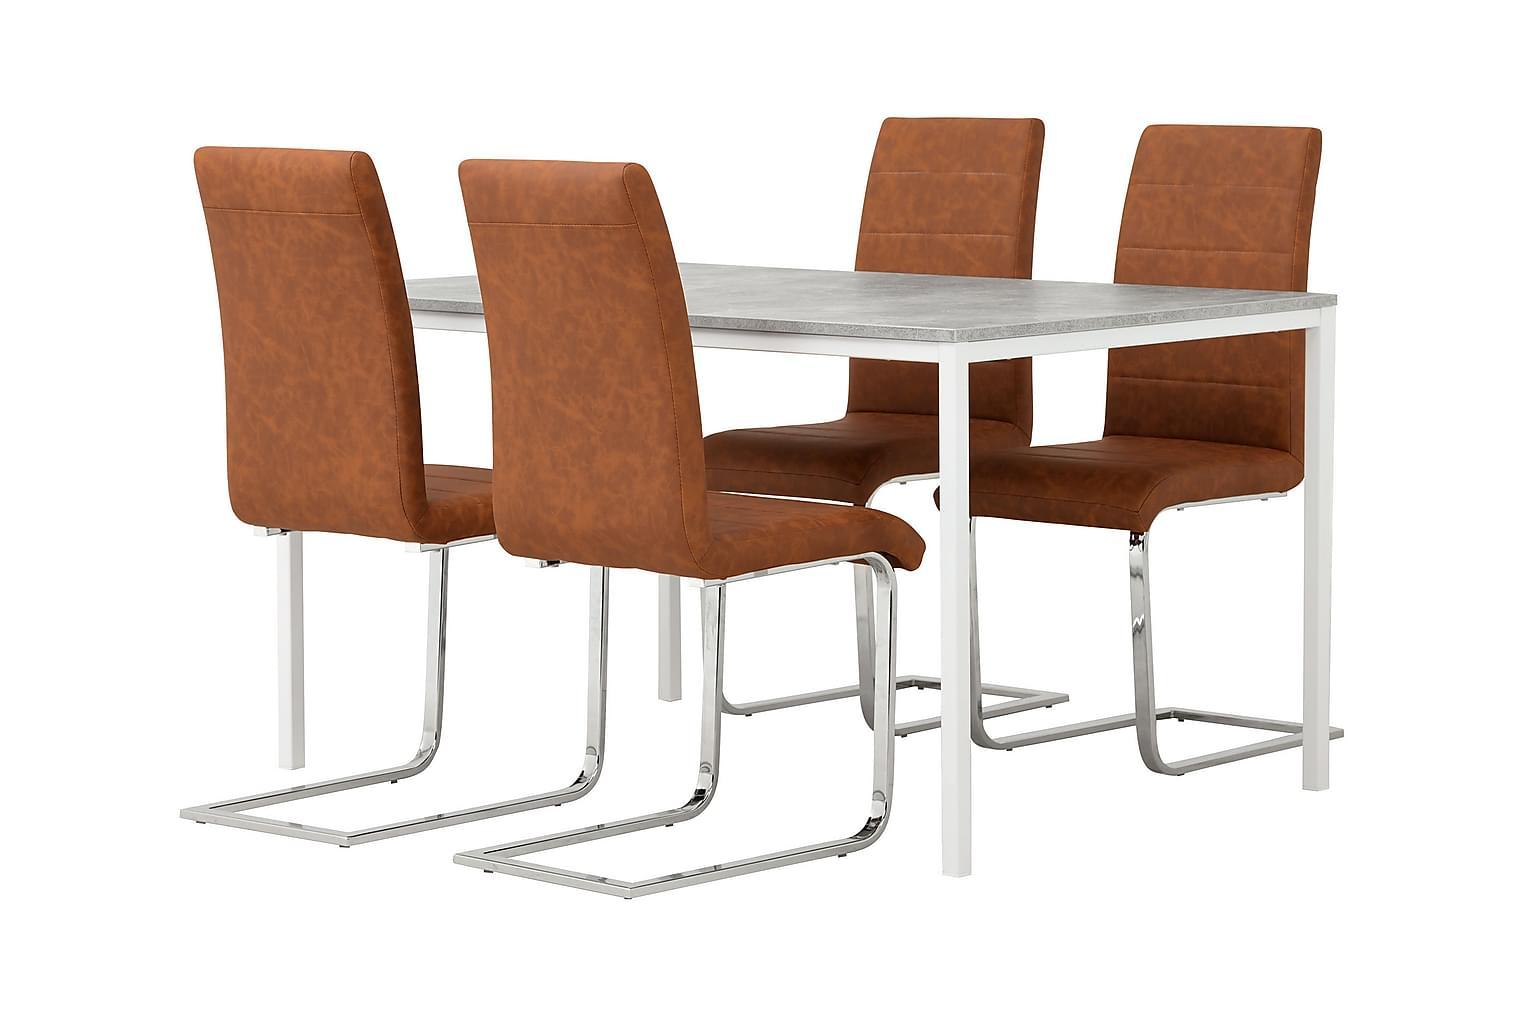 NOOMI Pöytä 138 Harmaa/valkoinen+ 4 EMÅN Tuolia Antiikinrusk